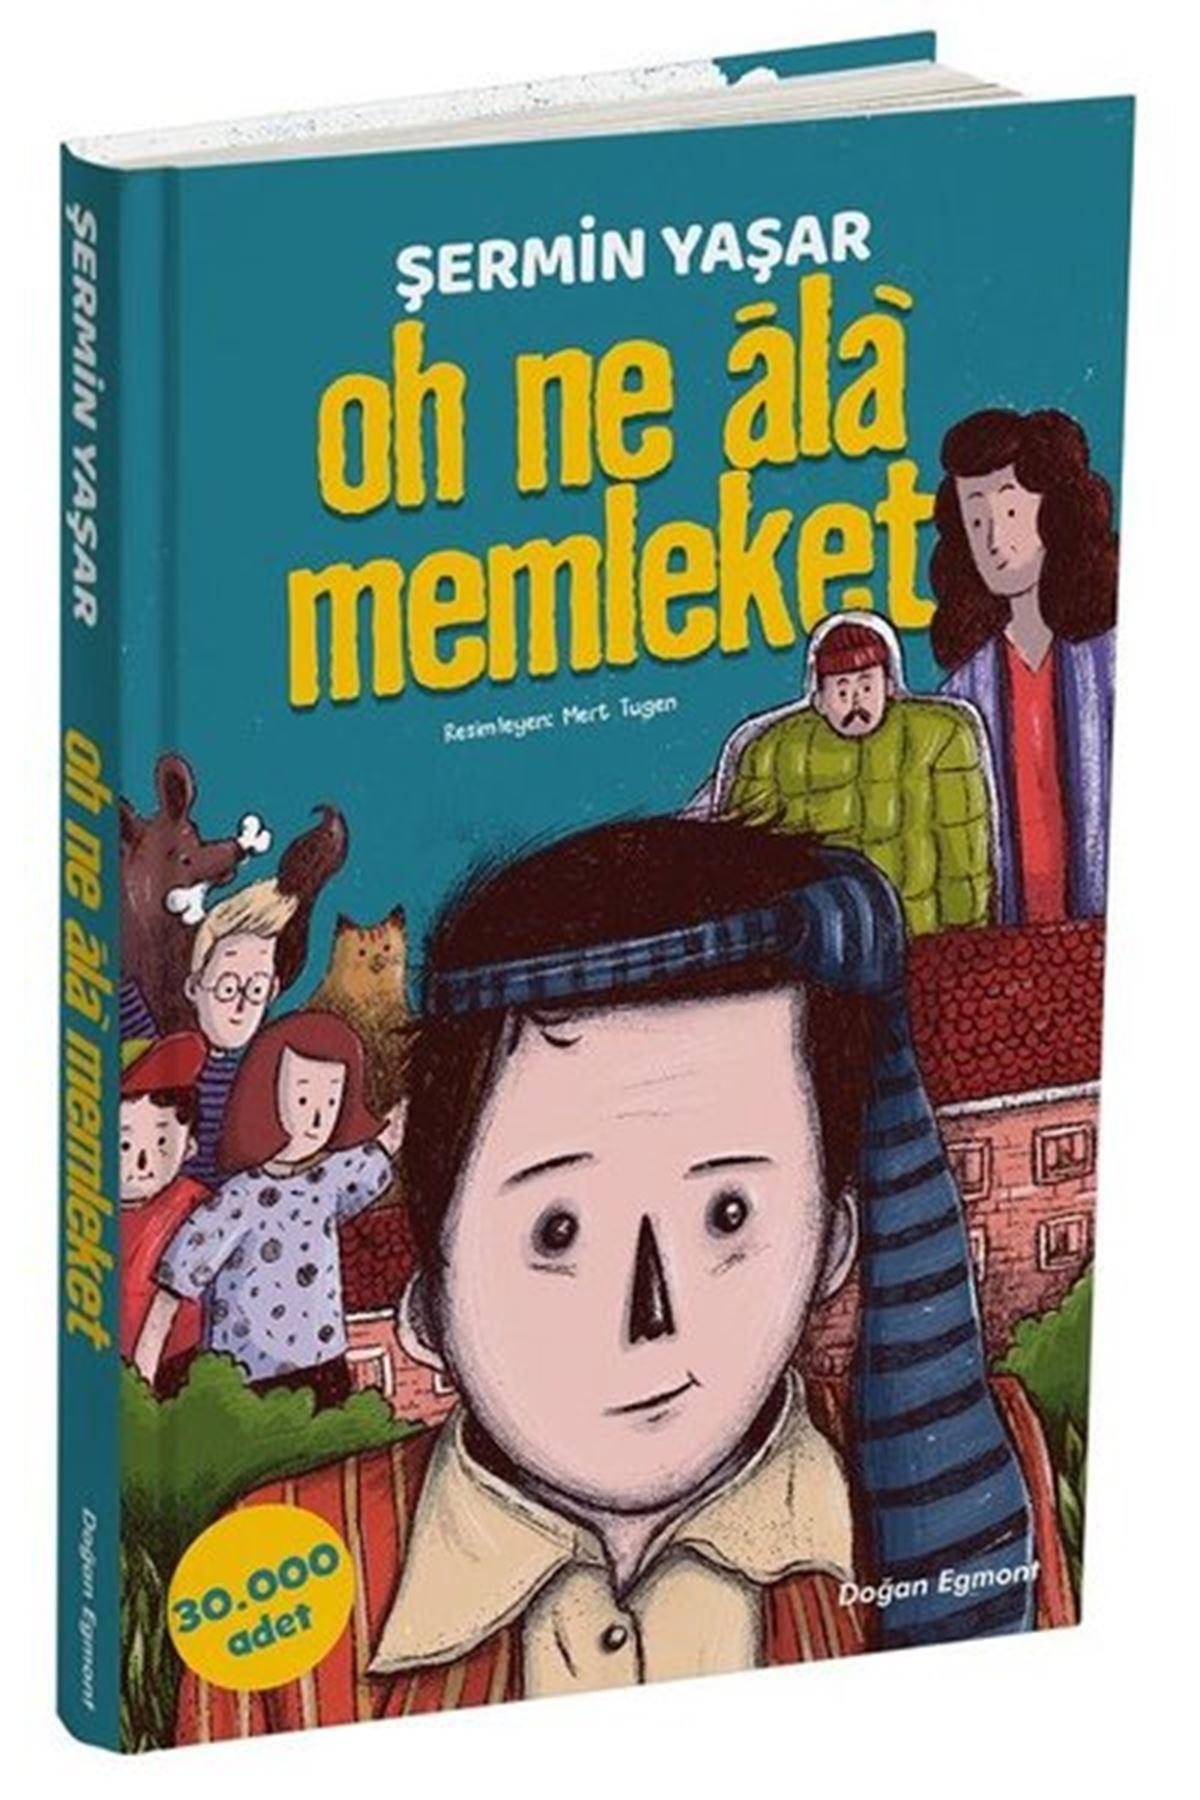 ŞERMİN YAŞAR - OH NE ALA MEMLEKET